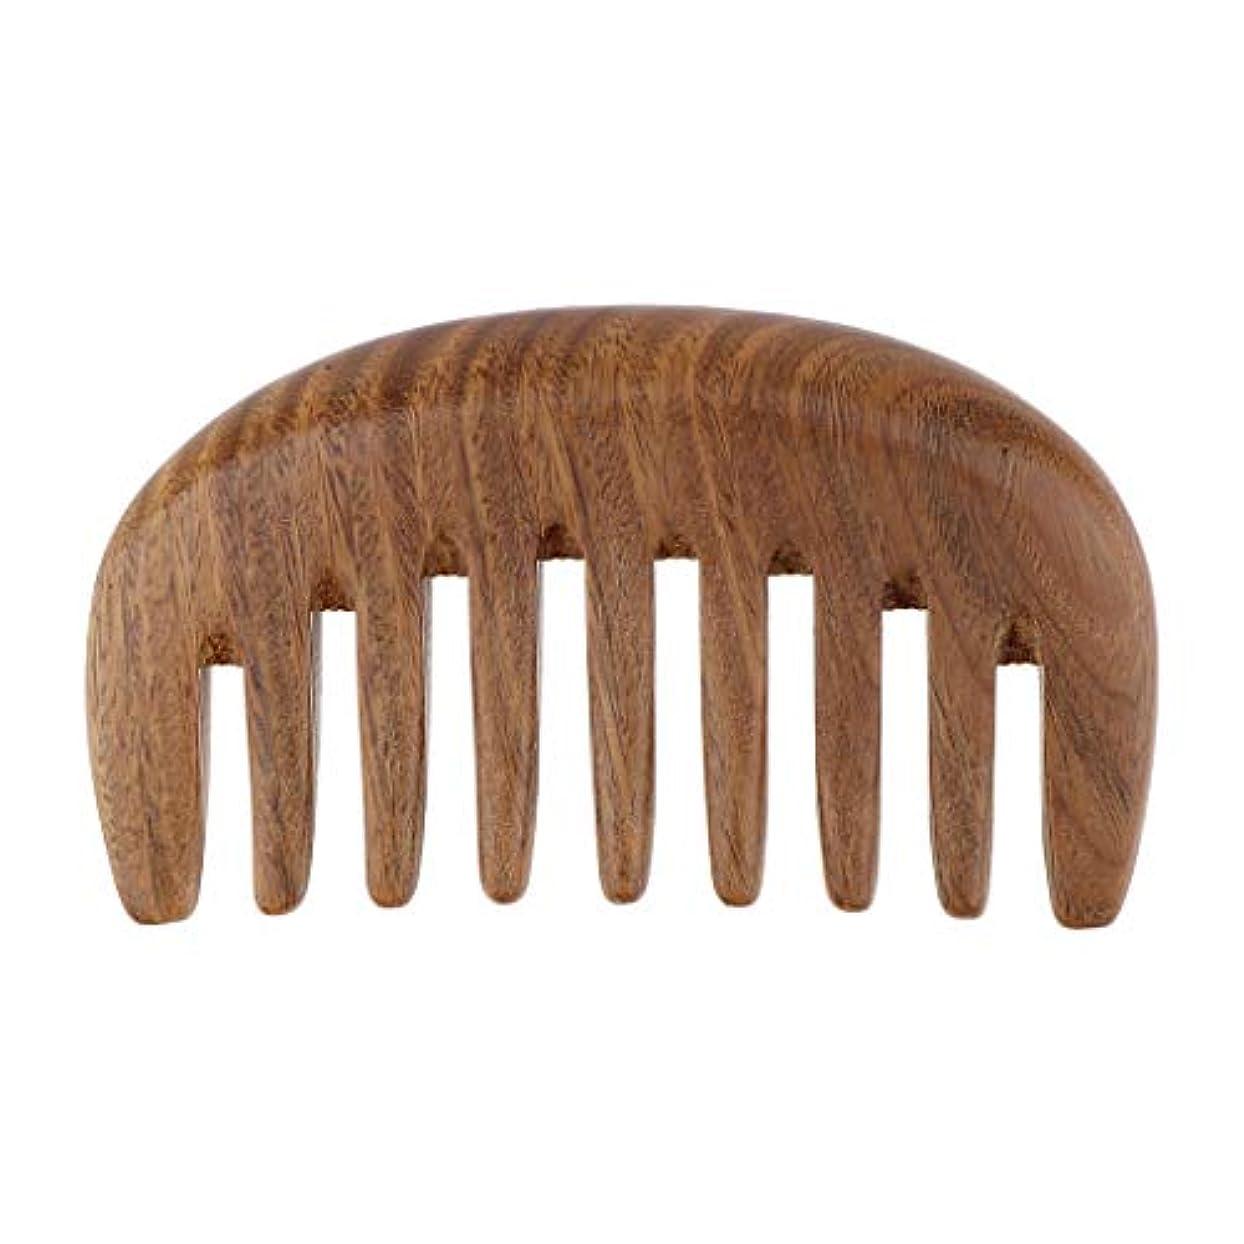 うぬぼれた出血ロケーションヘアブラシ 木製 ヘアコーム ウッドコーム 帯電防止櫛 ヘアケア くし 櫛 3色選べ - ベラウッド